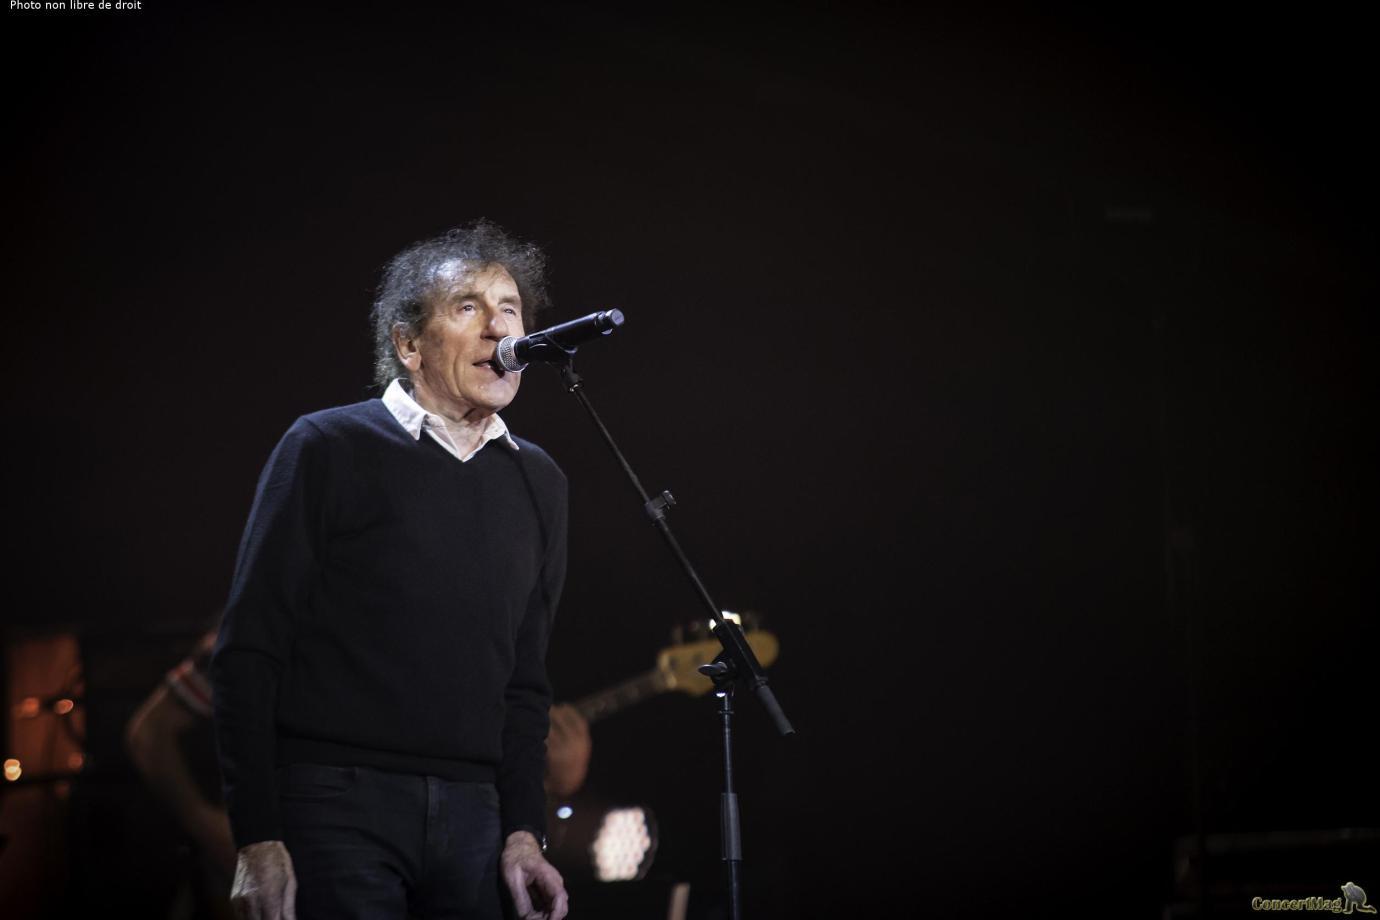 IMG 3172 1 - Le concert des Coccinelles au Casino de Paris